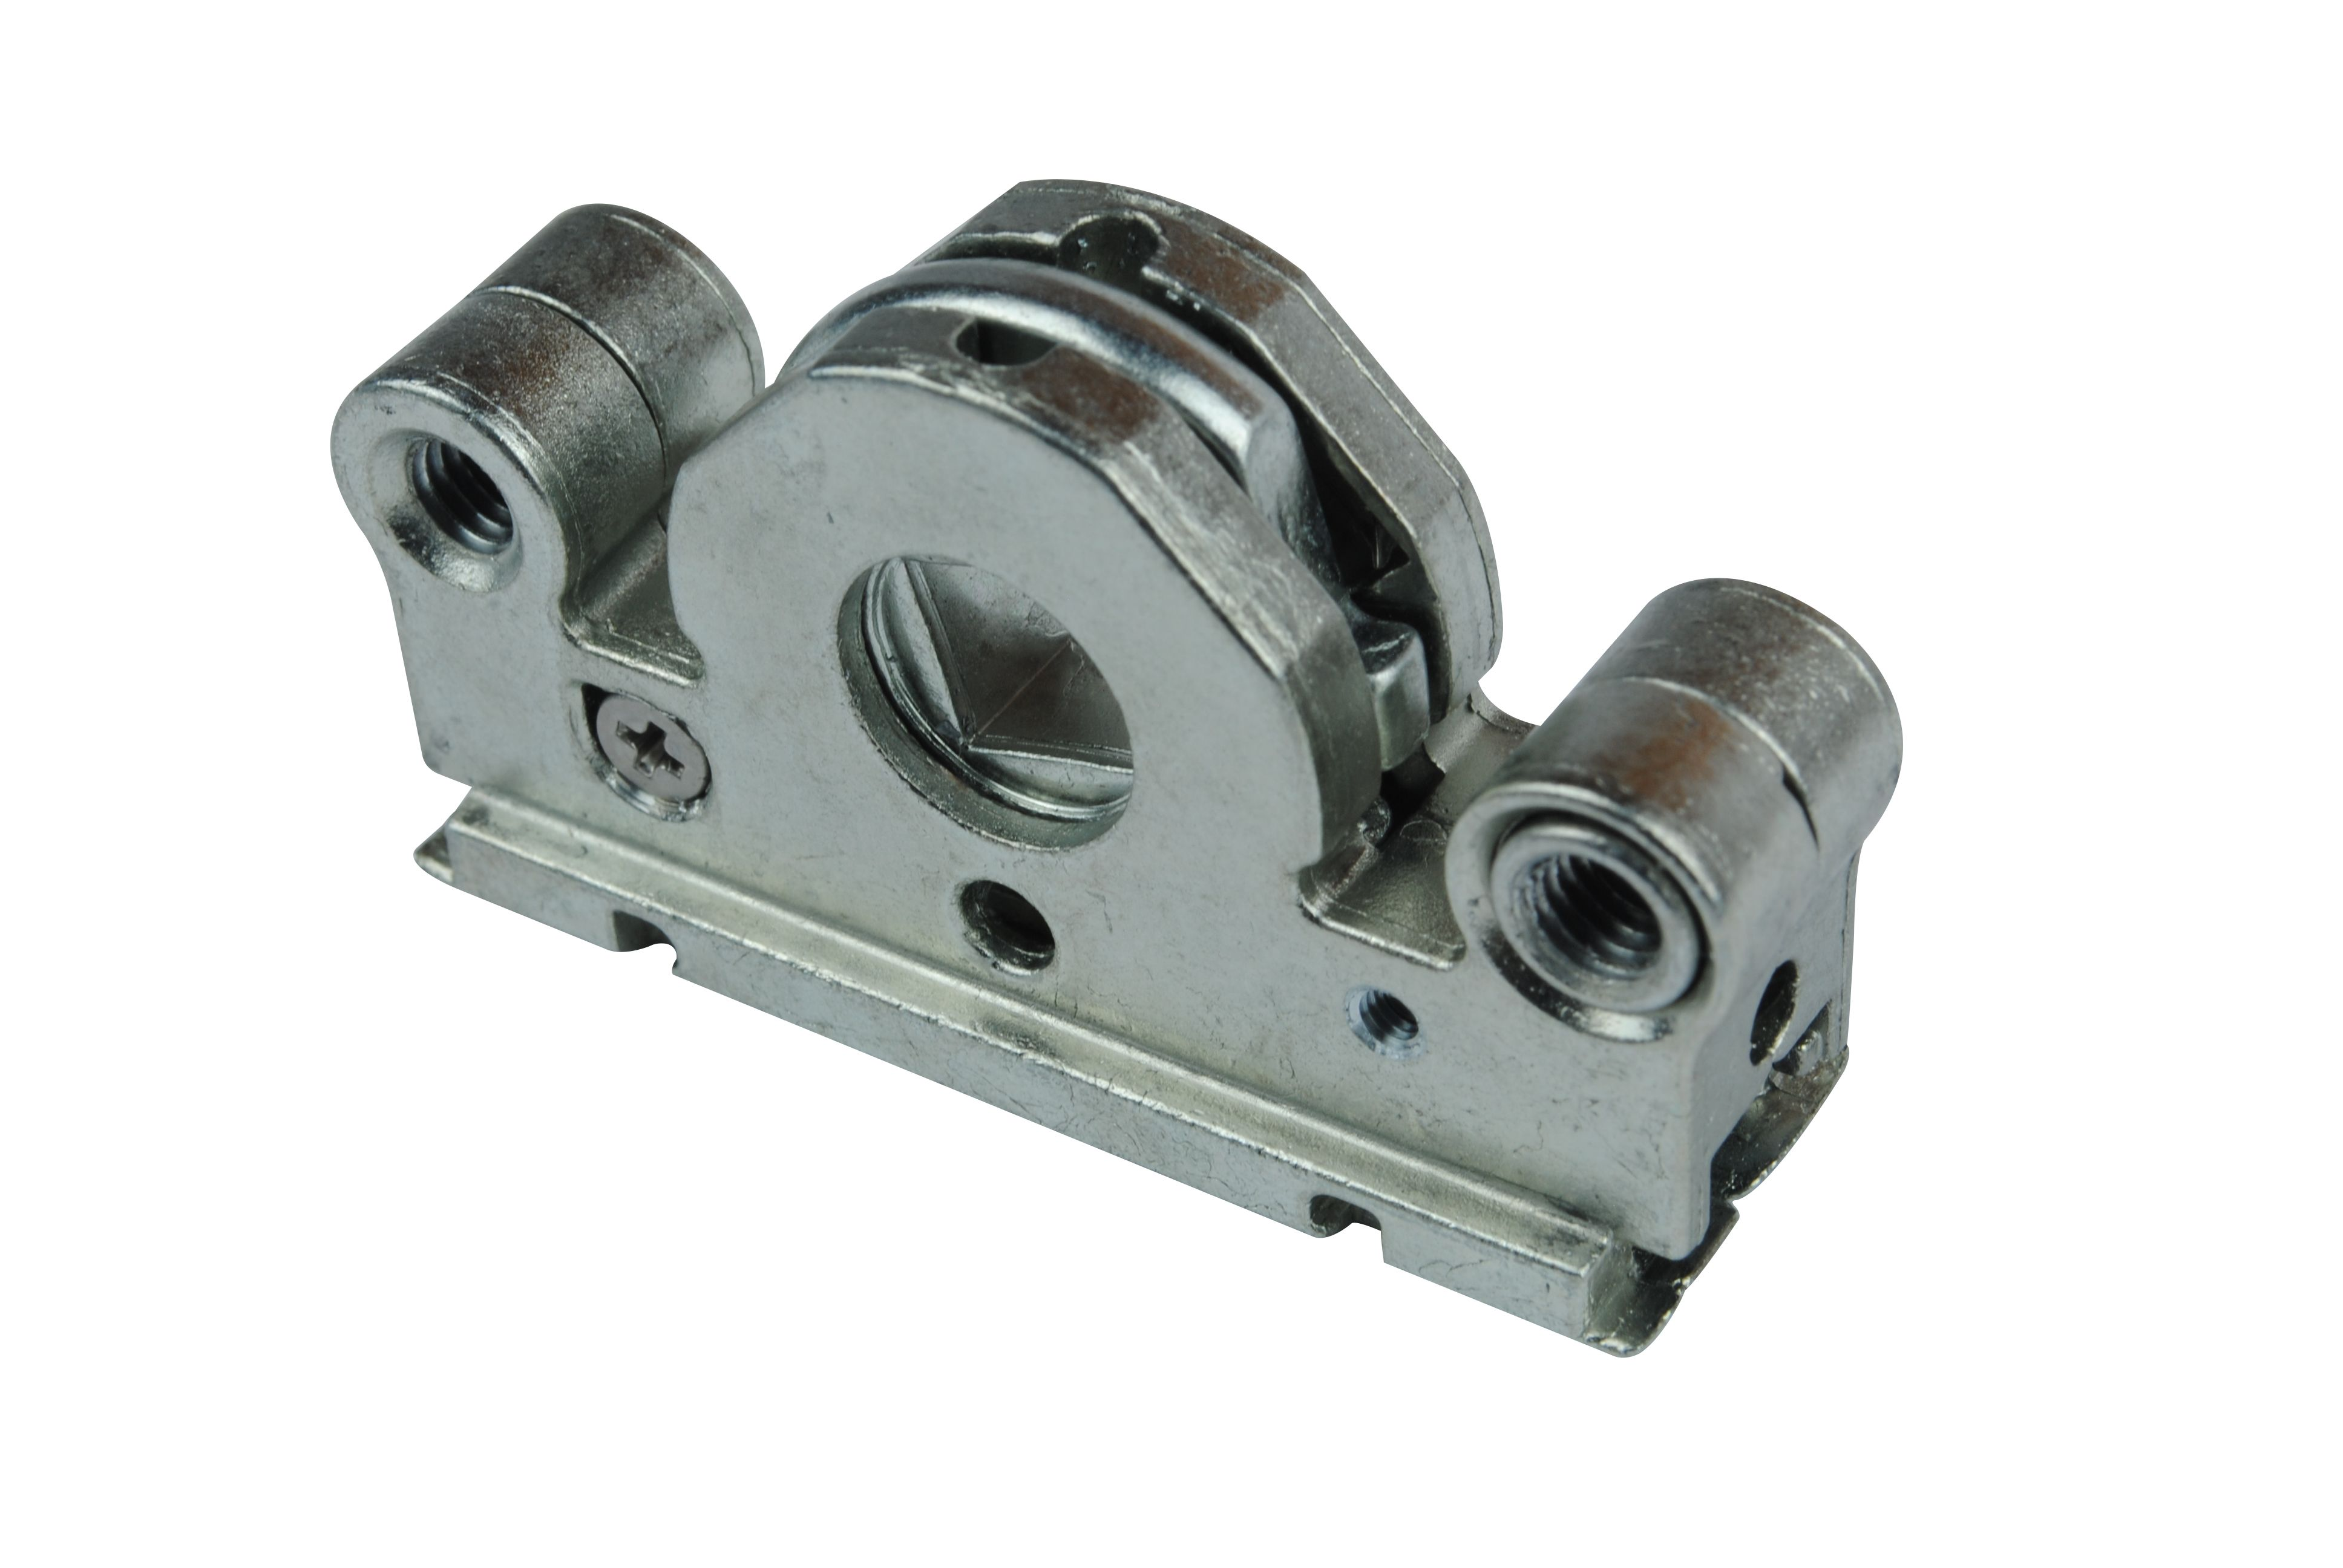 Maco getriebeschnecke getriebenuss steck oder - Kunststofffenster oder alufenster ...